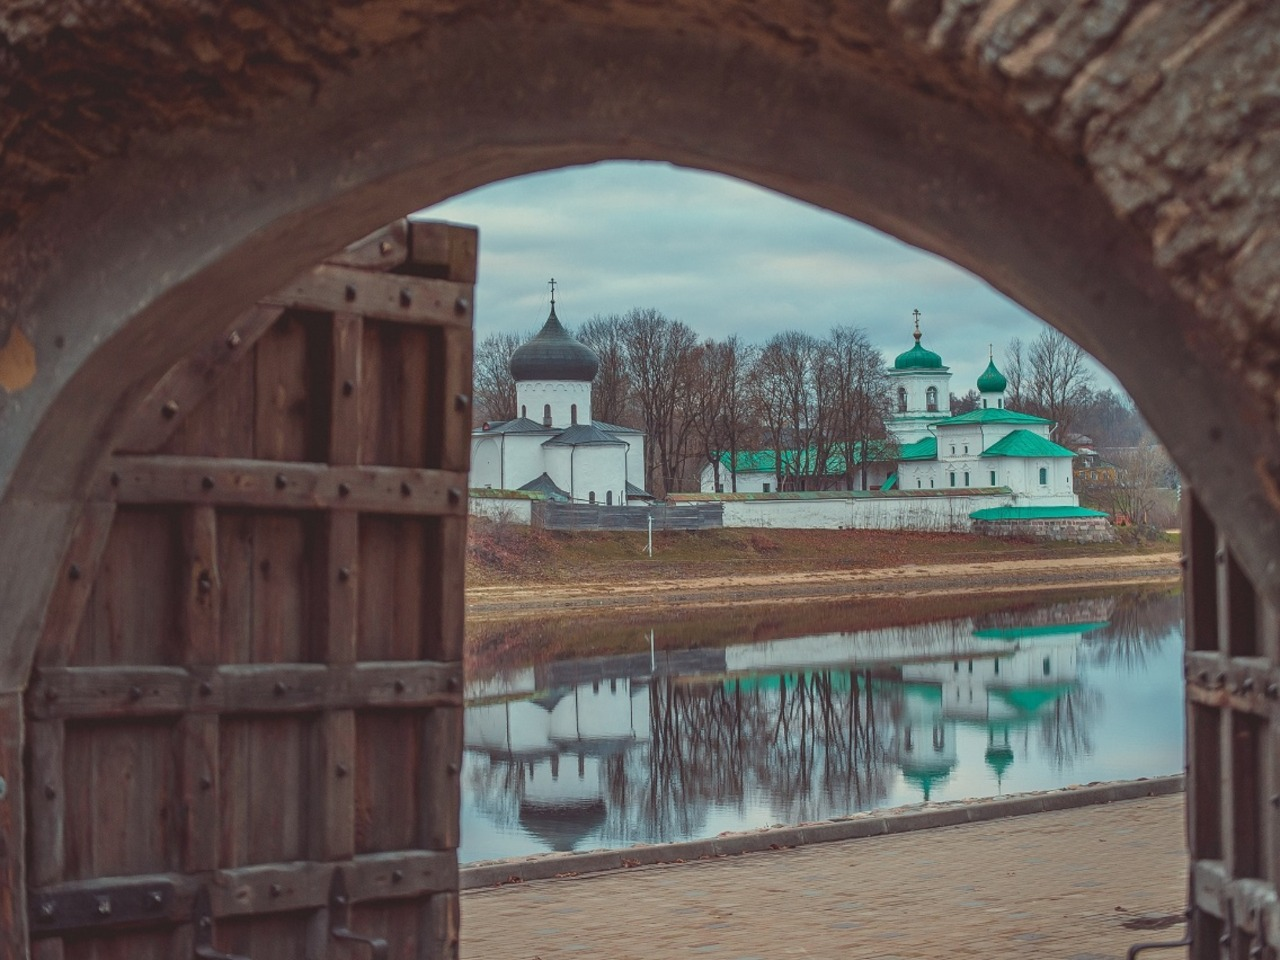 По следам наследия ЮНЕСКО - индивидуальная экскурсия в Пскове от опытного гида